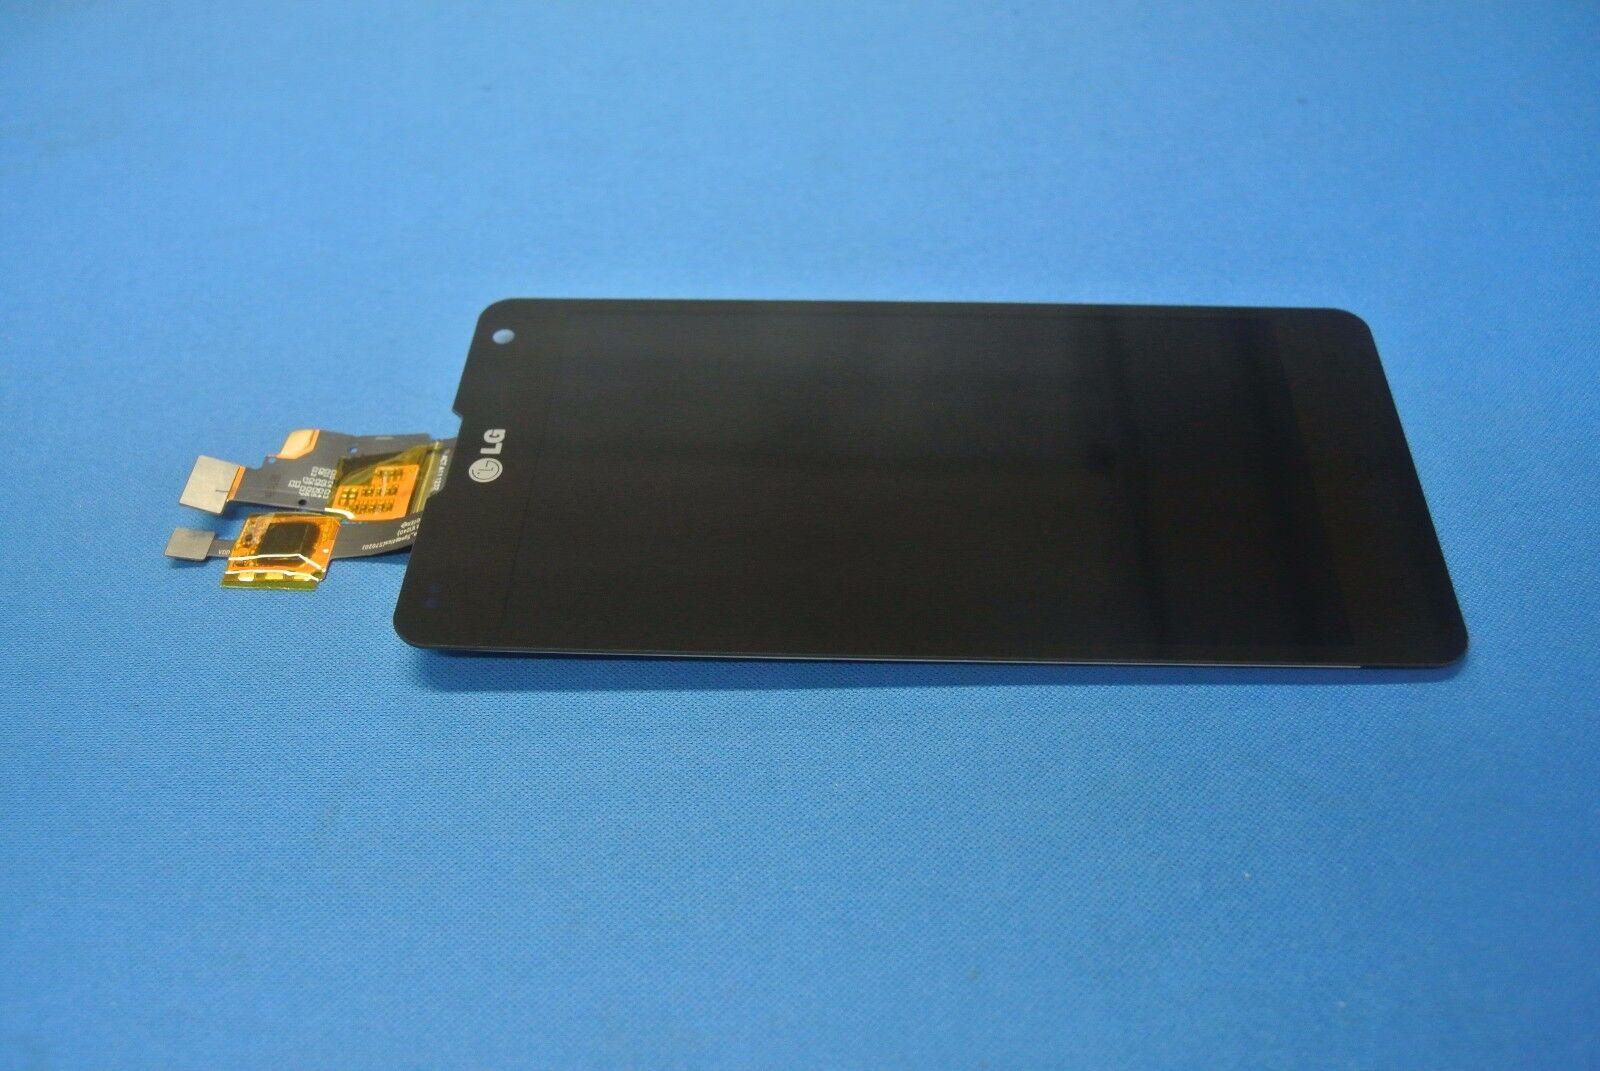 LG Optimus E973 E975 F180 Ls970 E971 E976 E977 Lcd Screen...